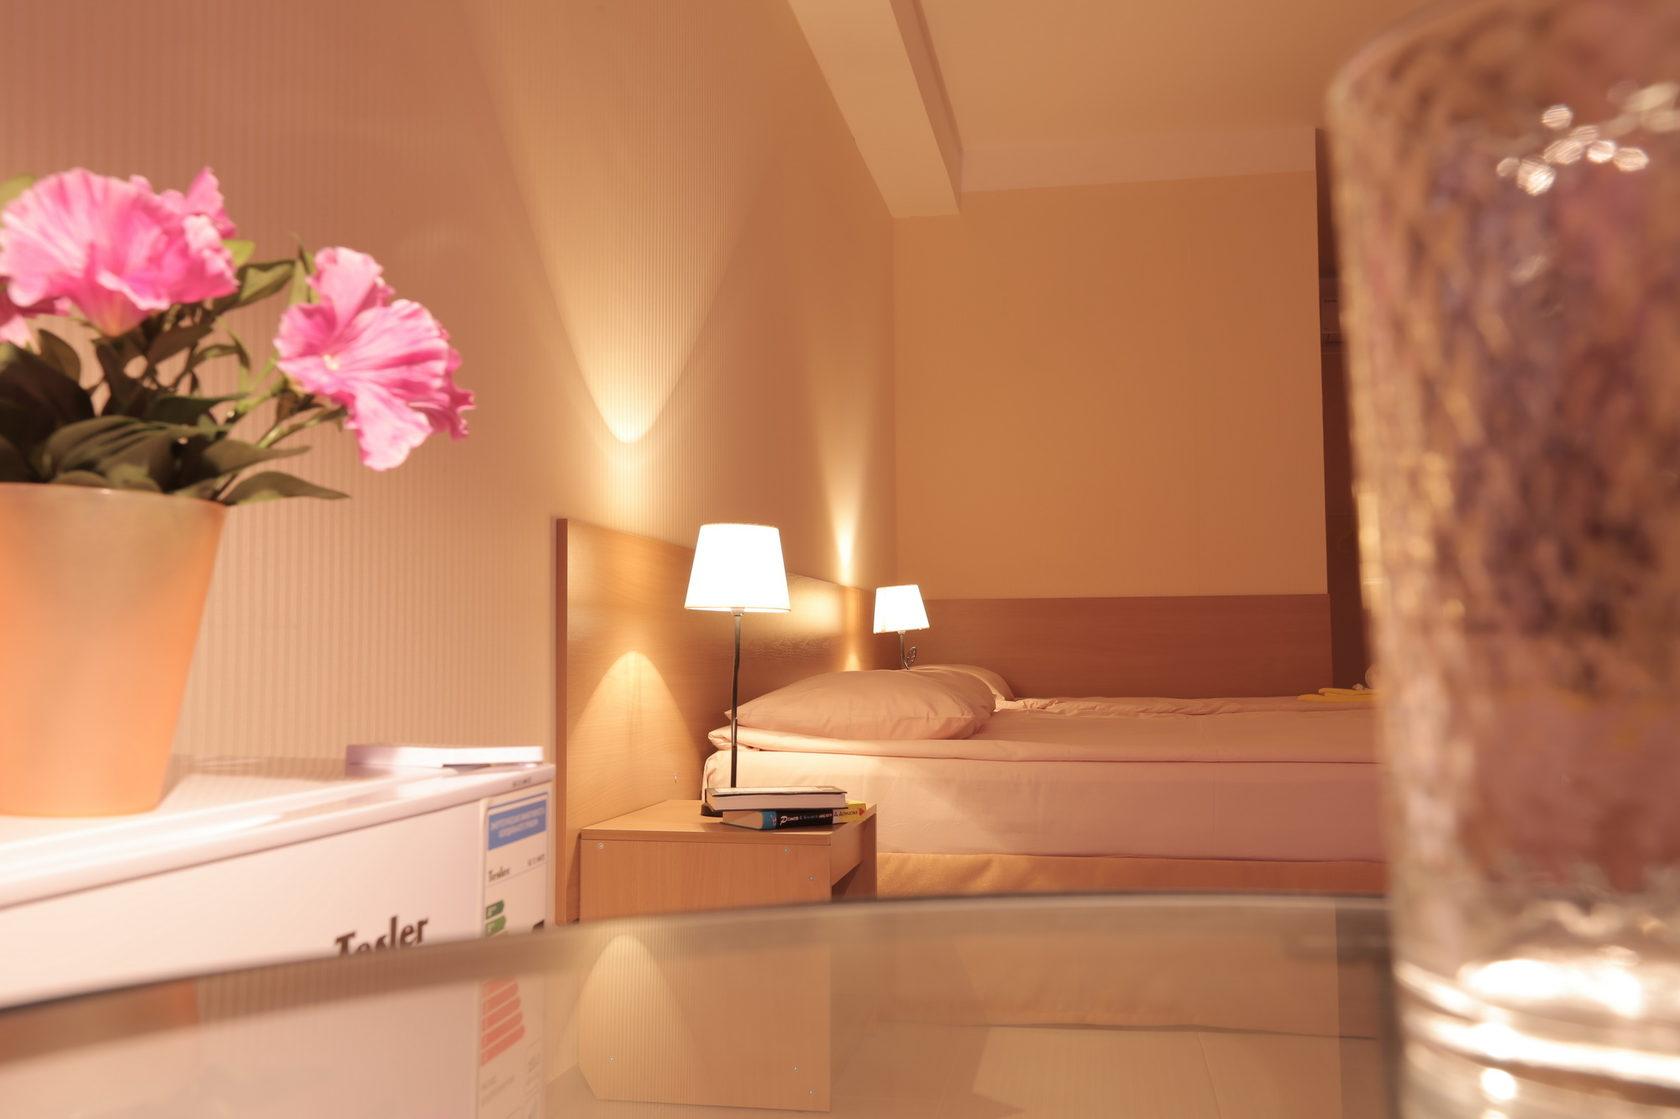 Кровати трехместного номера Стандарт в отеле Марсель, Лермонтово